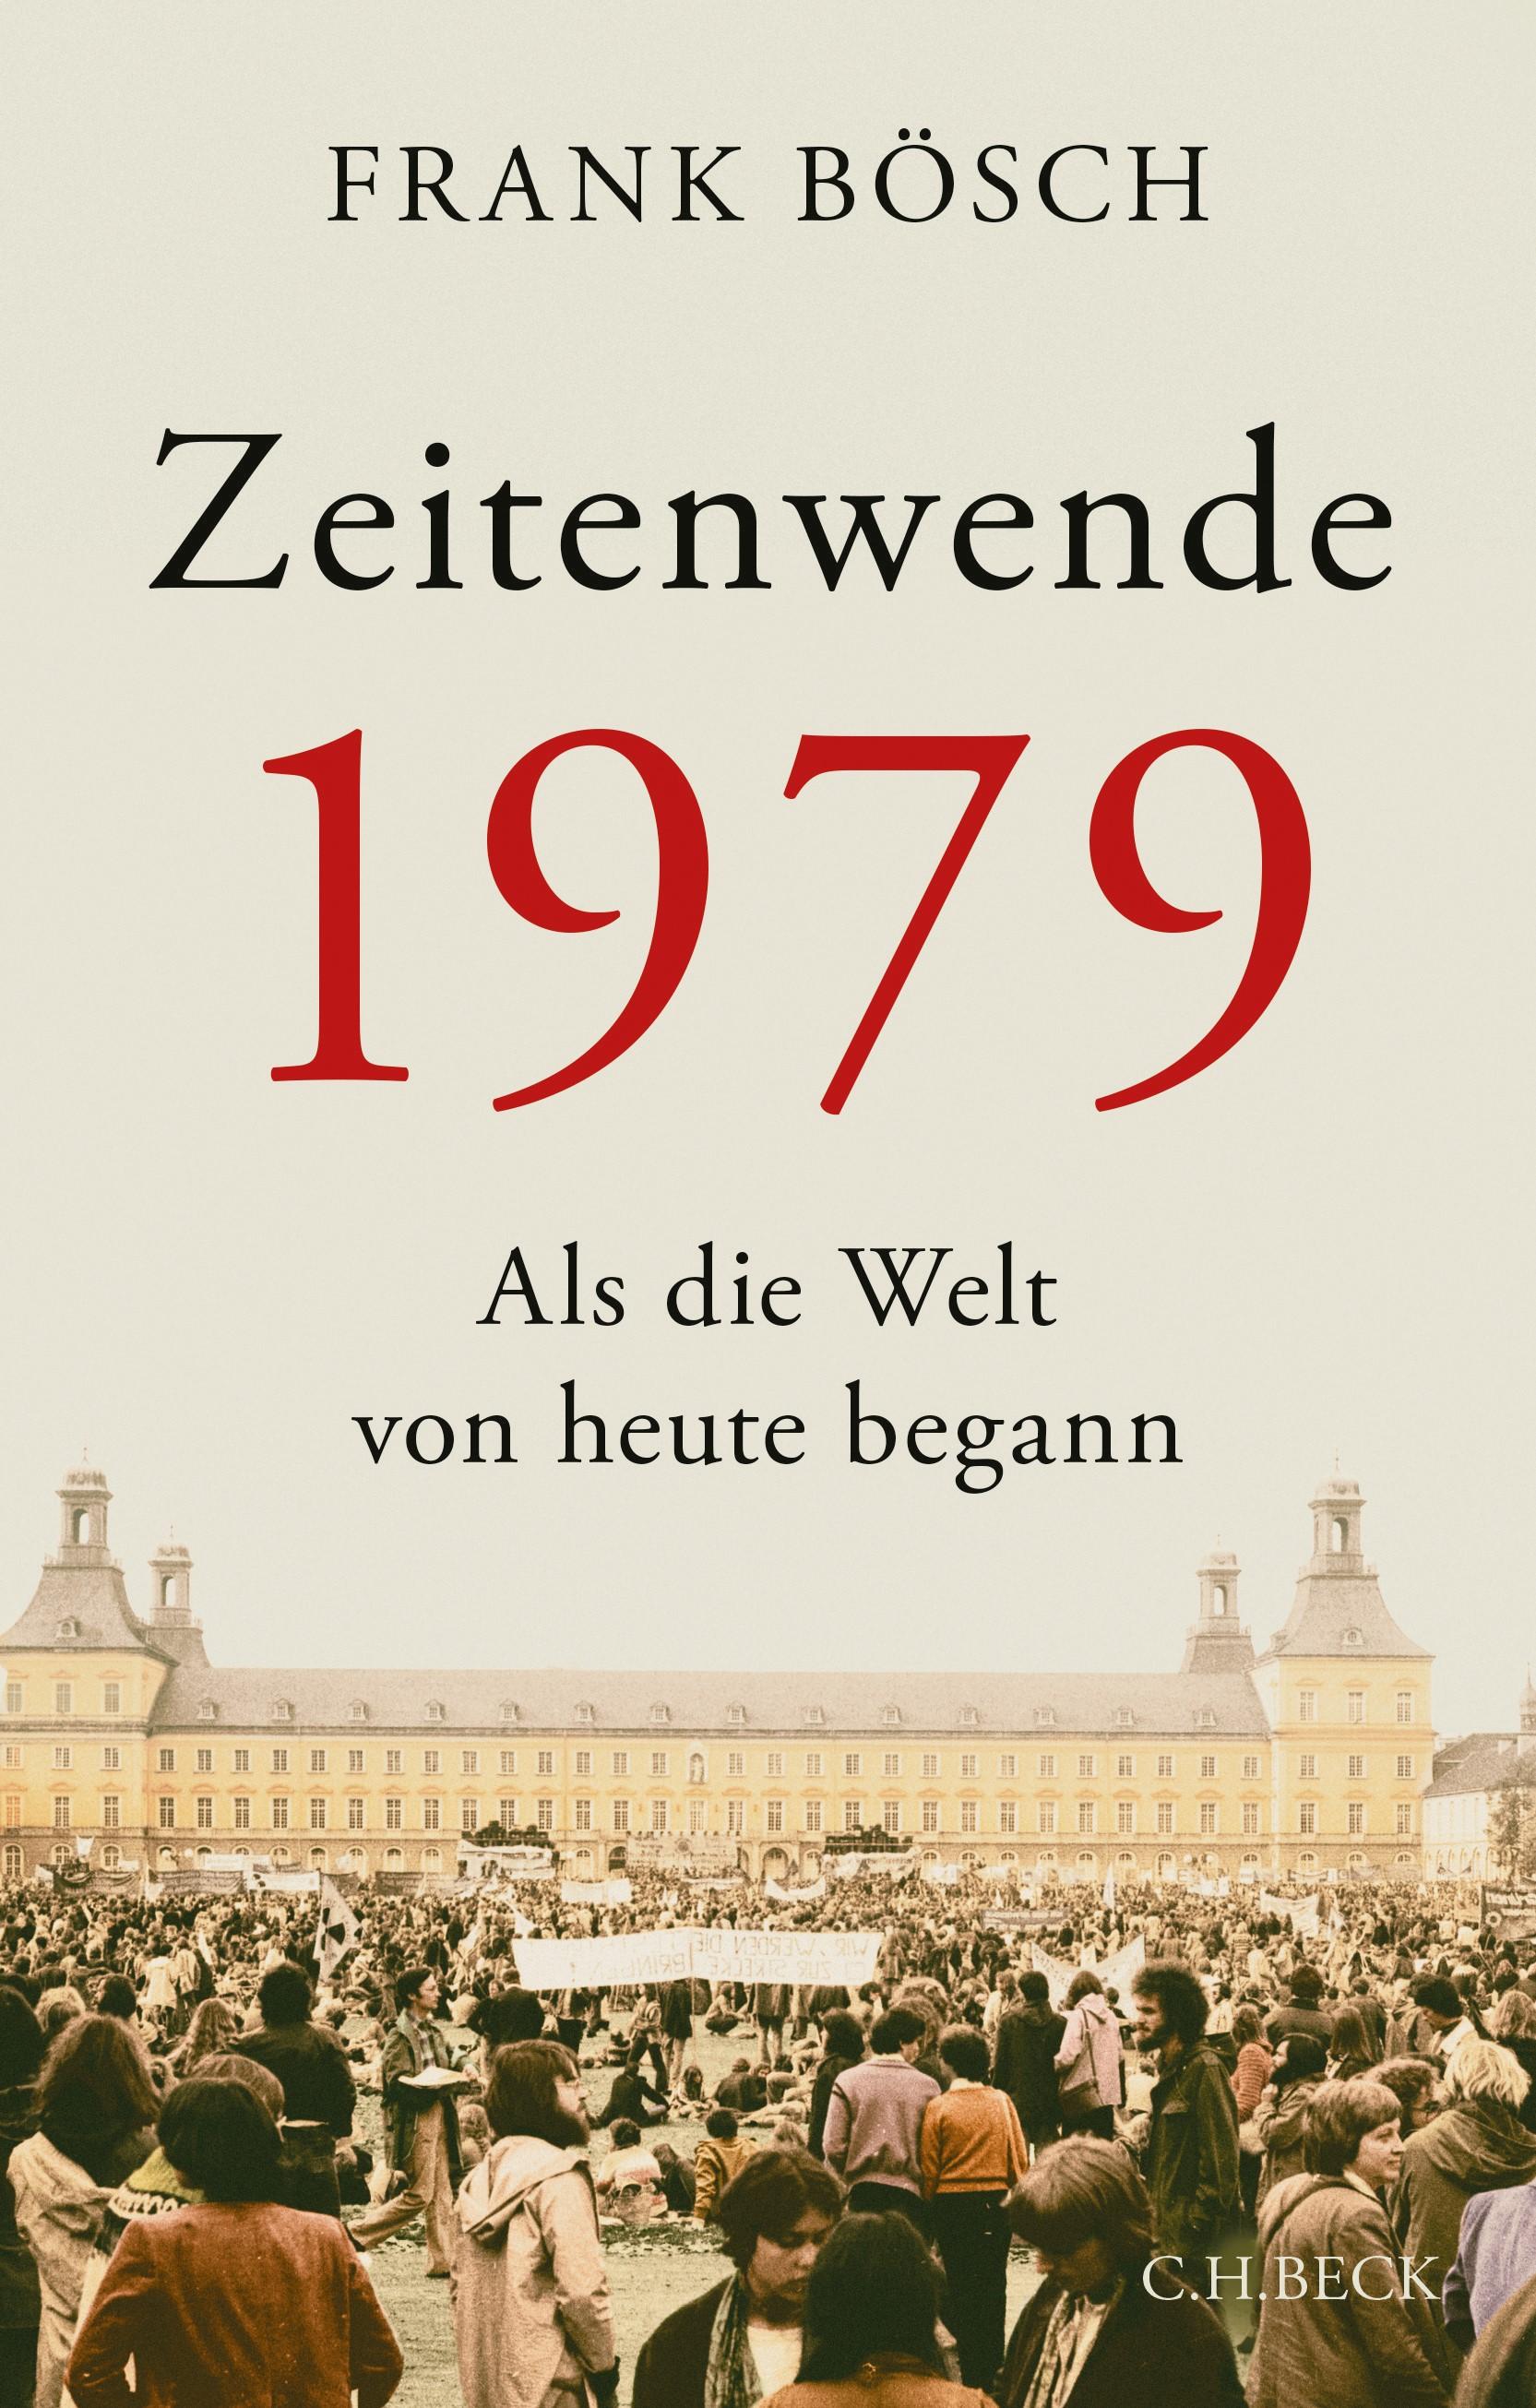 Zeitenwende 1979 | Bösch, Frank, 2019 | Buch (Cover)